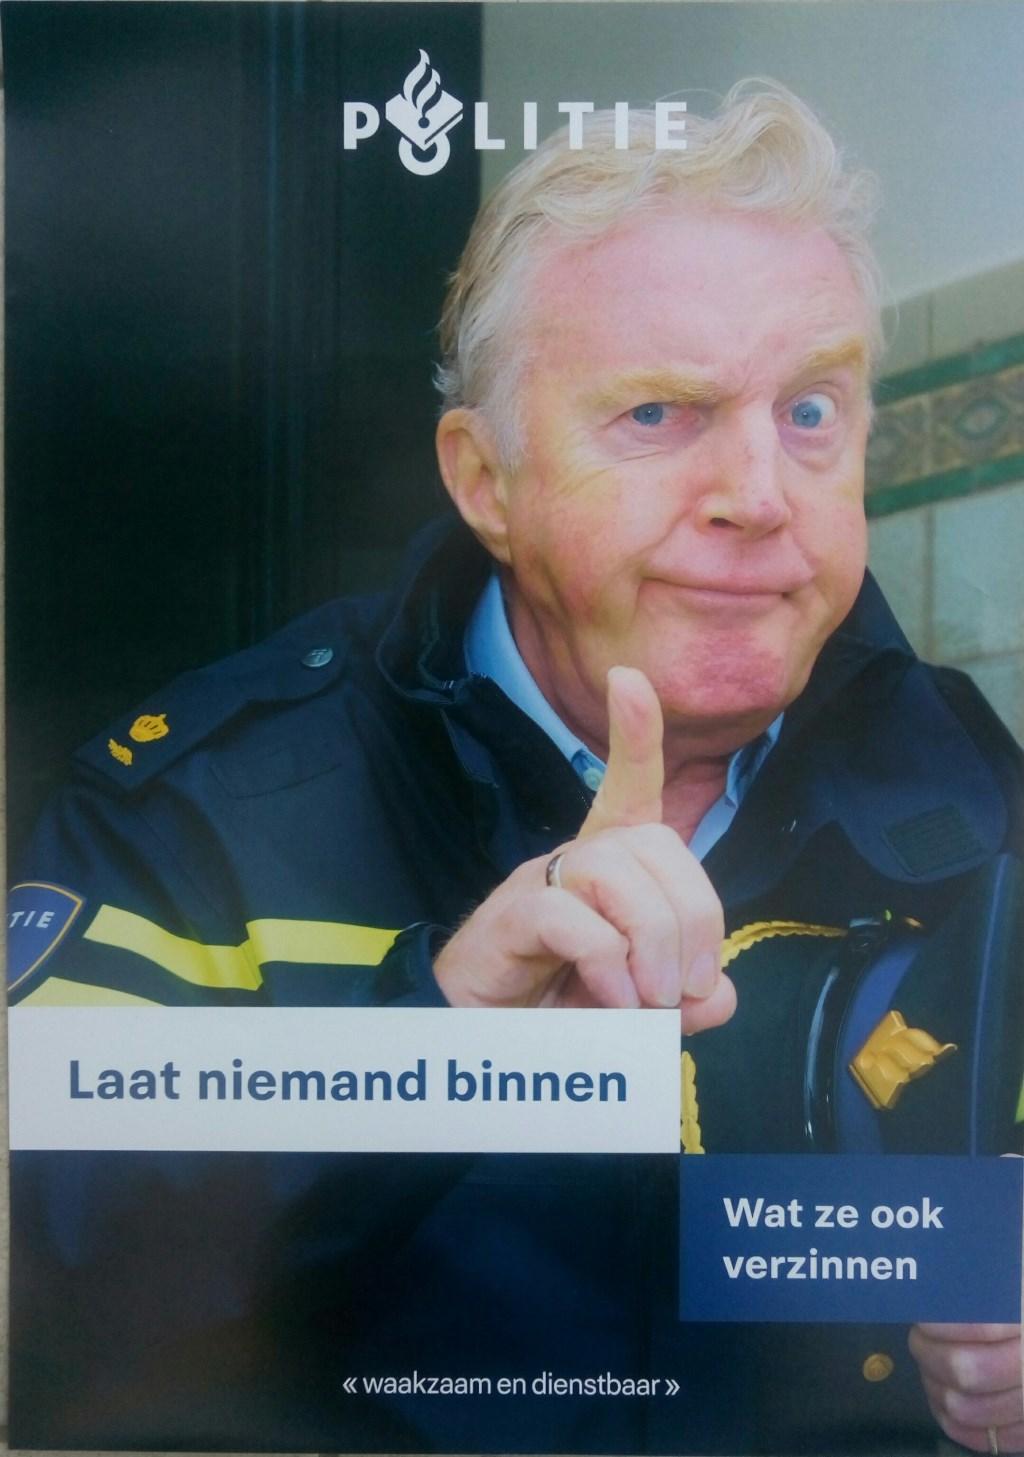 Poster als voorlichting van politie over babbeltrucs. Foto: PR  © Achterhoek Nieuws b.v.